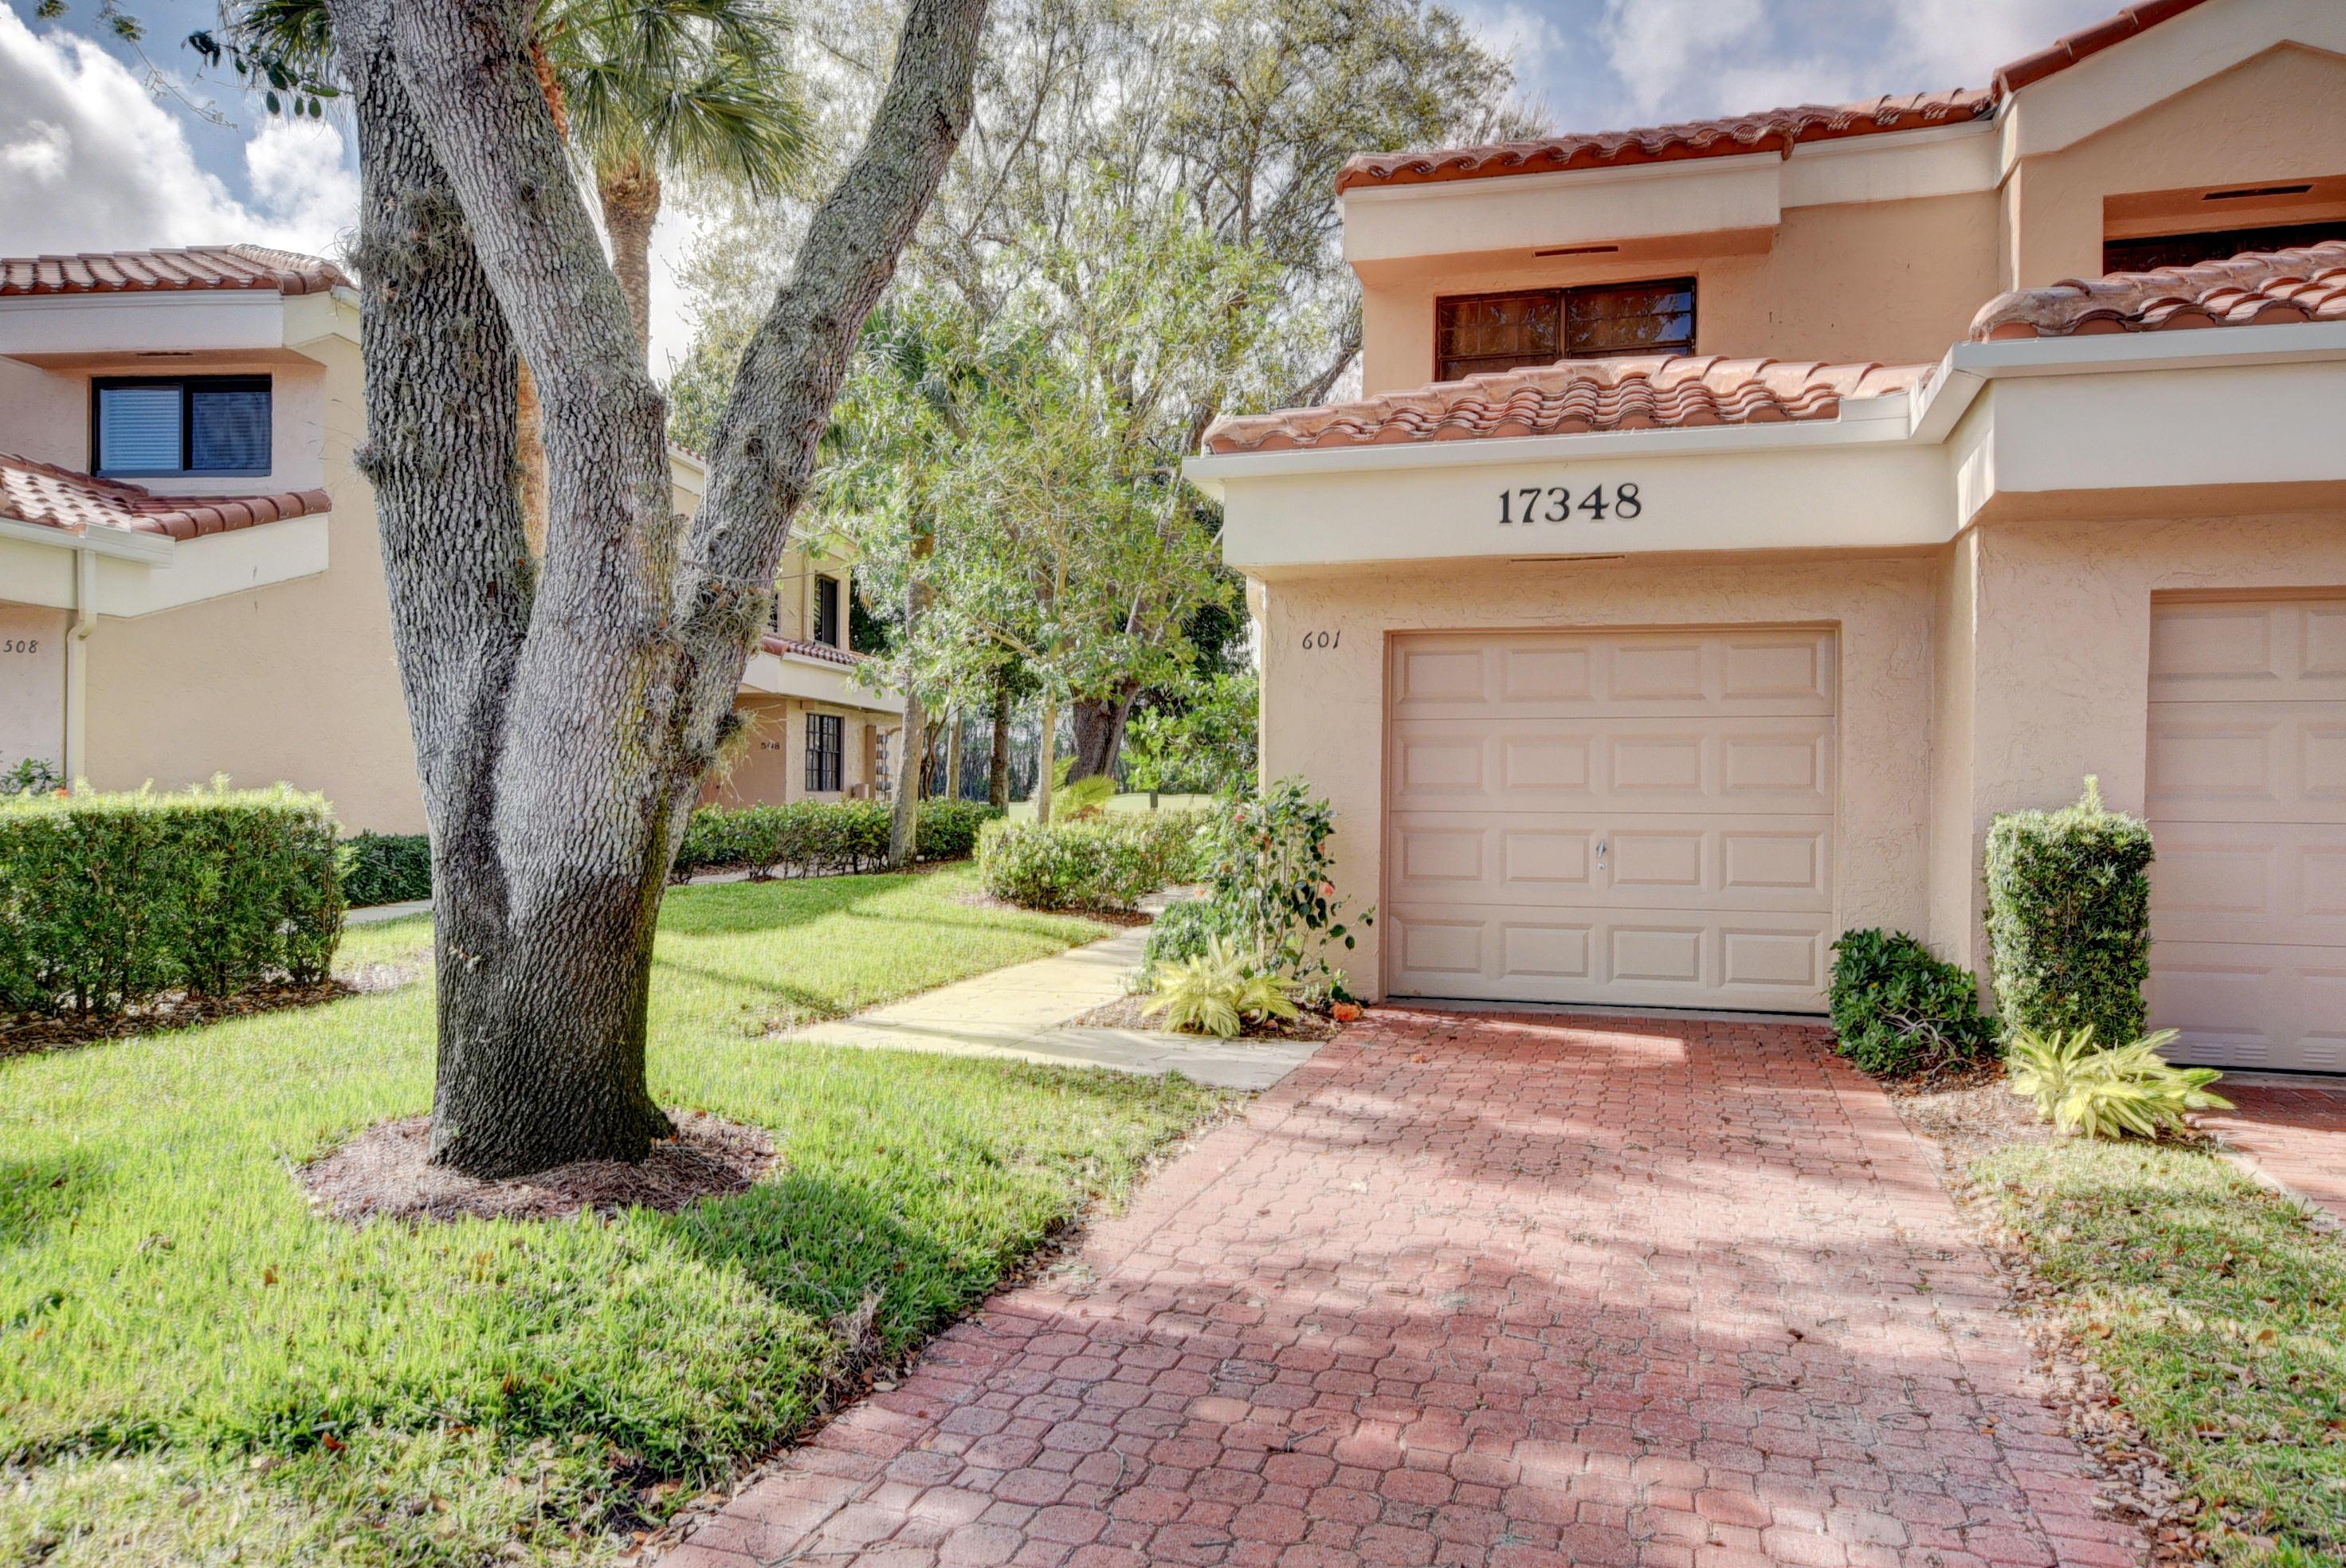 Home for sale in Boca Golf & Tennis Boca Raton Florida